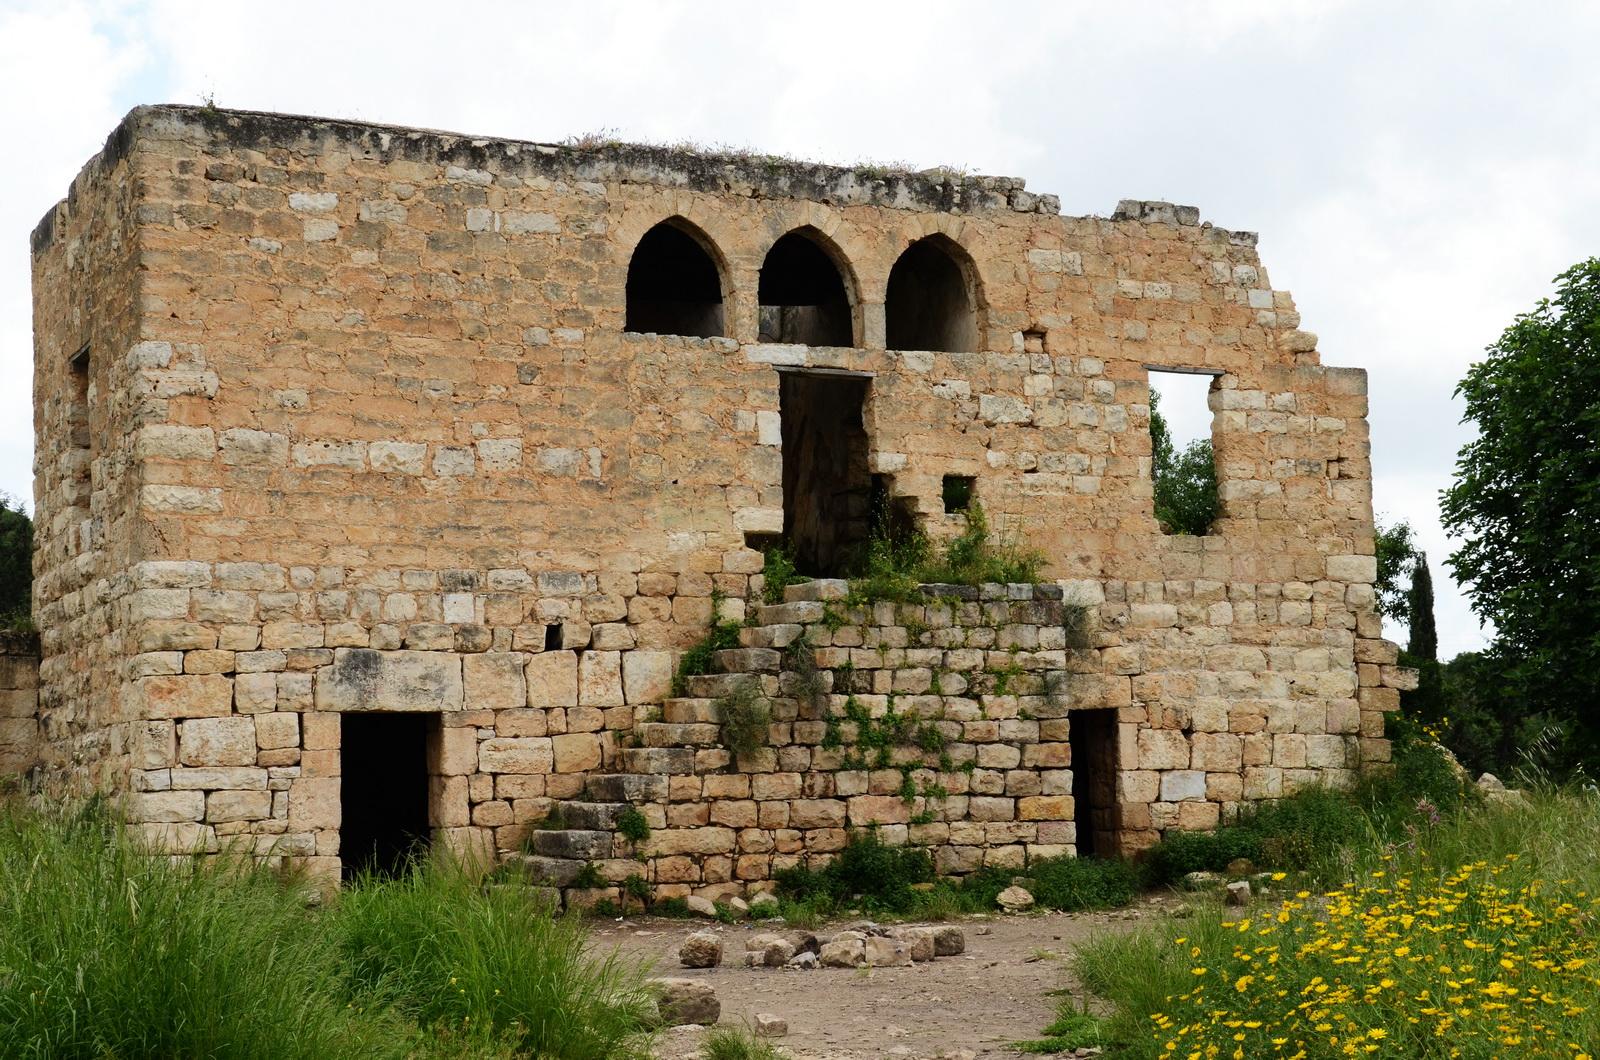 חיר' געתון - המבנה המרכזי בחצר האחוזה